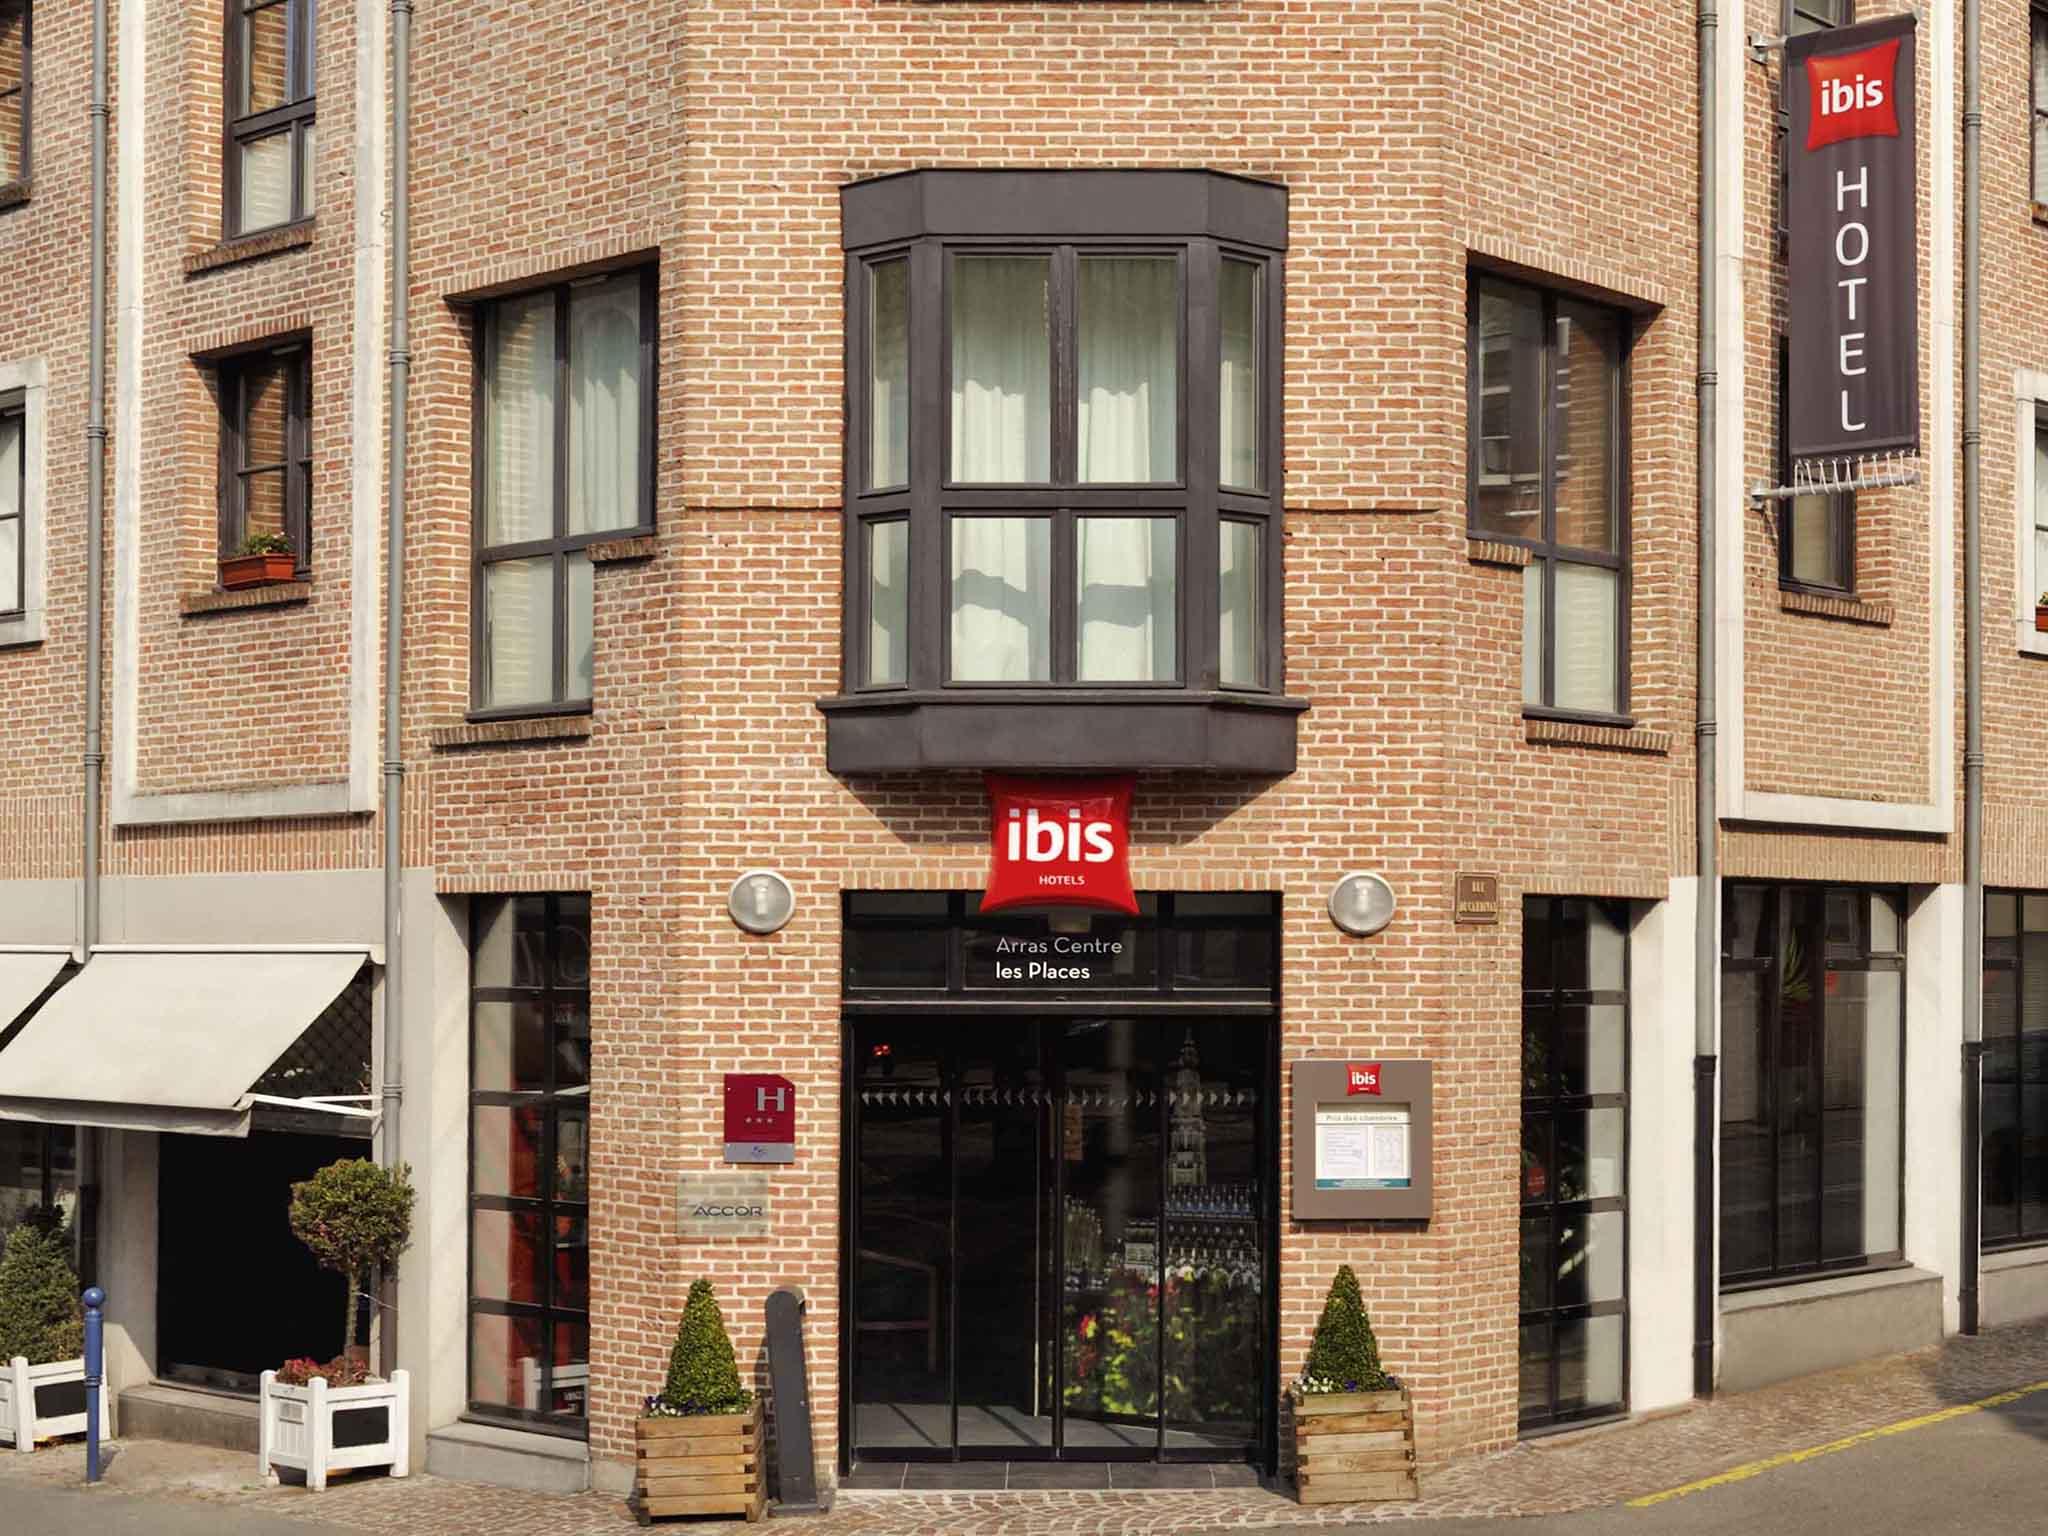 Hotel in arras ibis arras centre les places